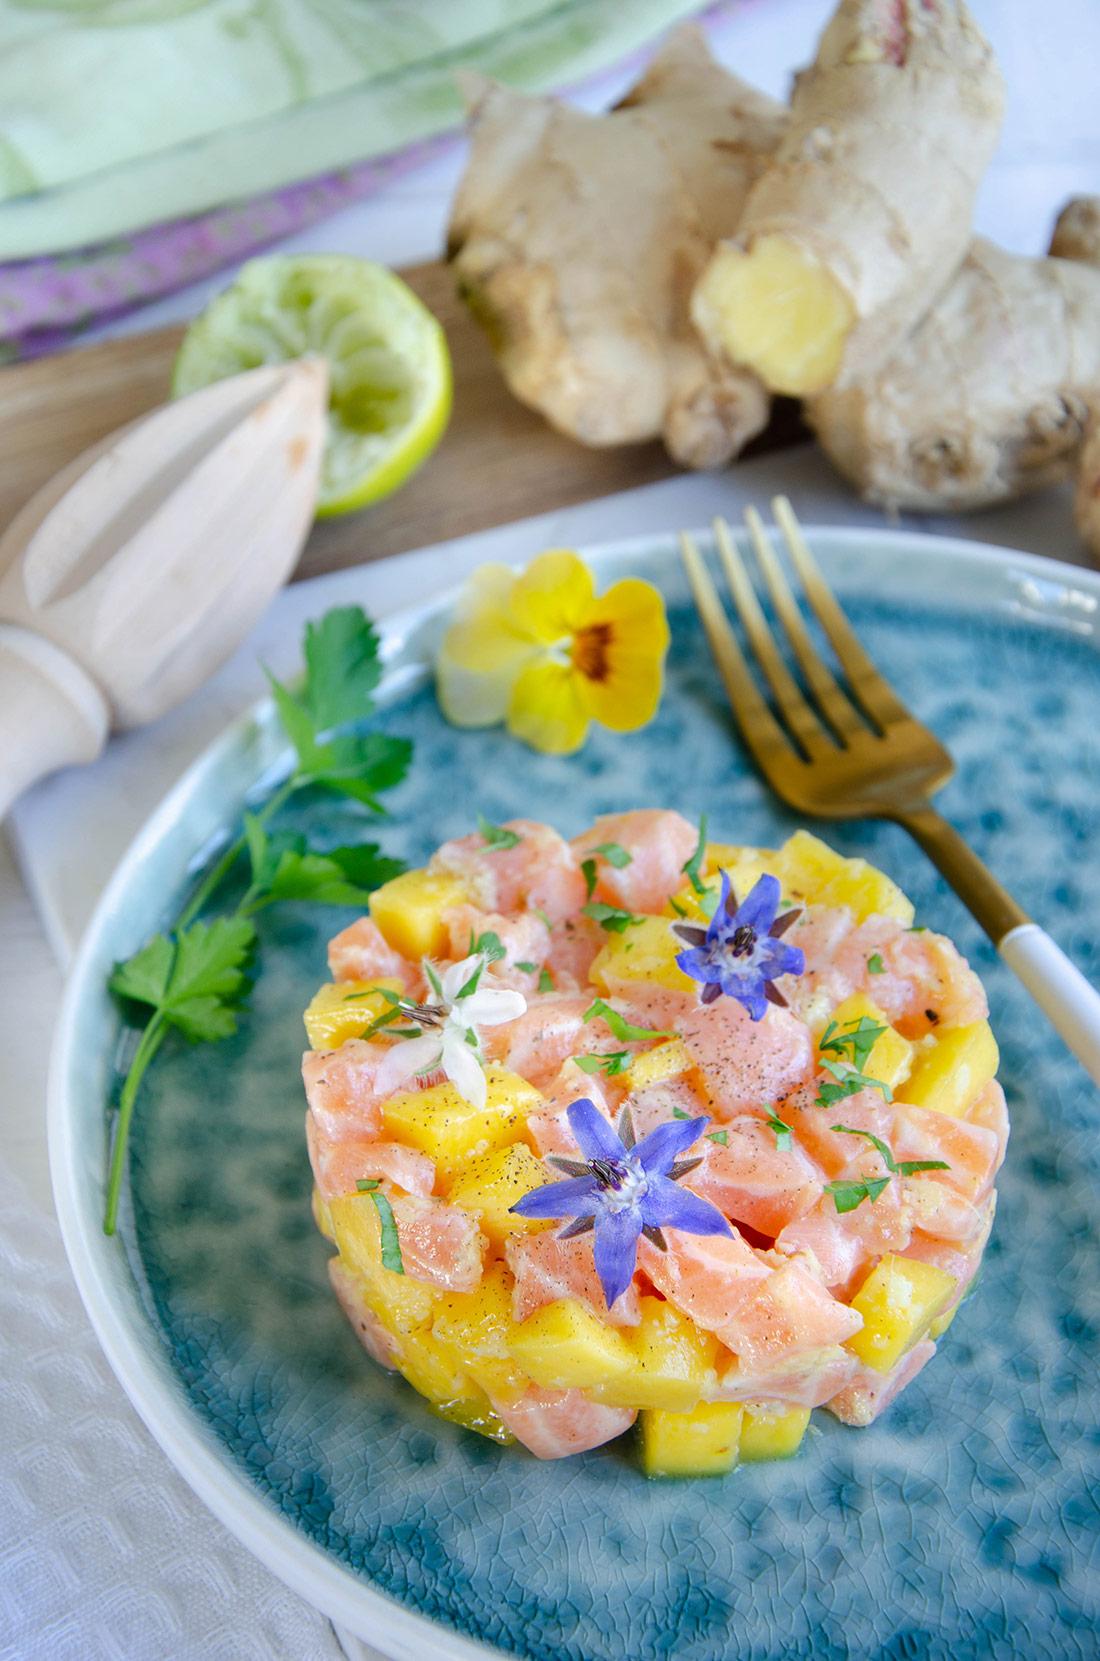 Recette de tartare saumon mangue, un plat délicieux et facile à préparer.